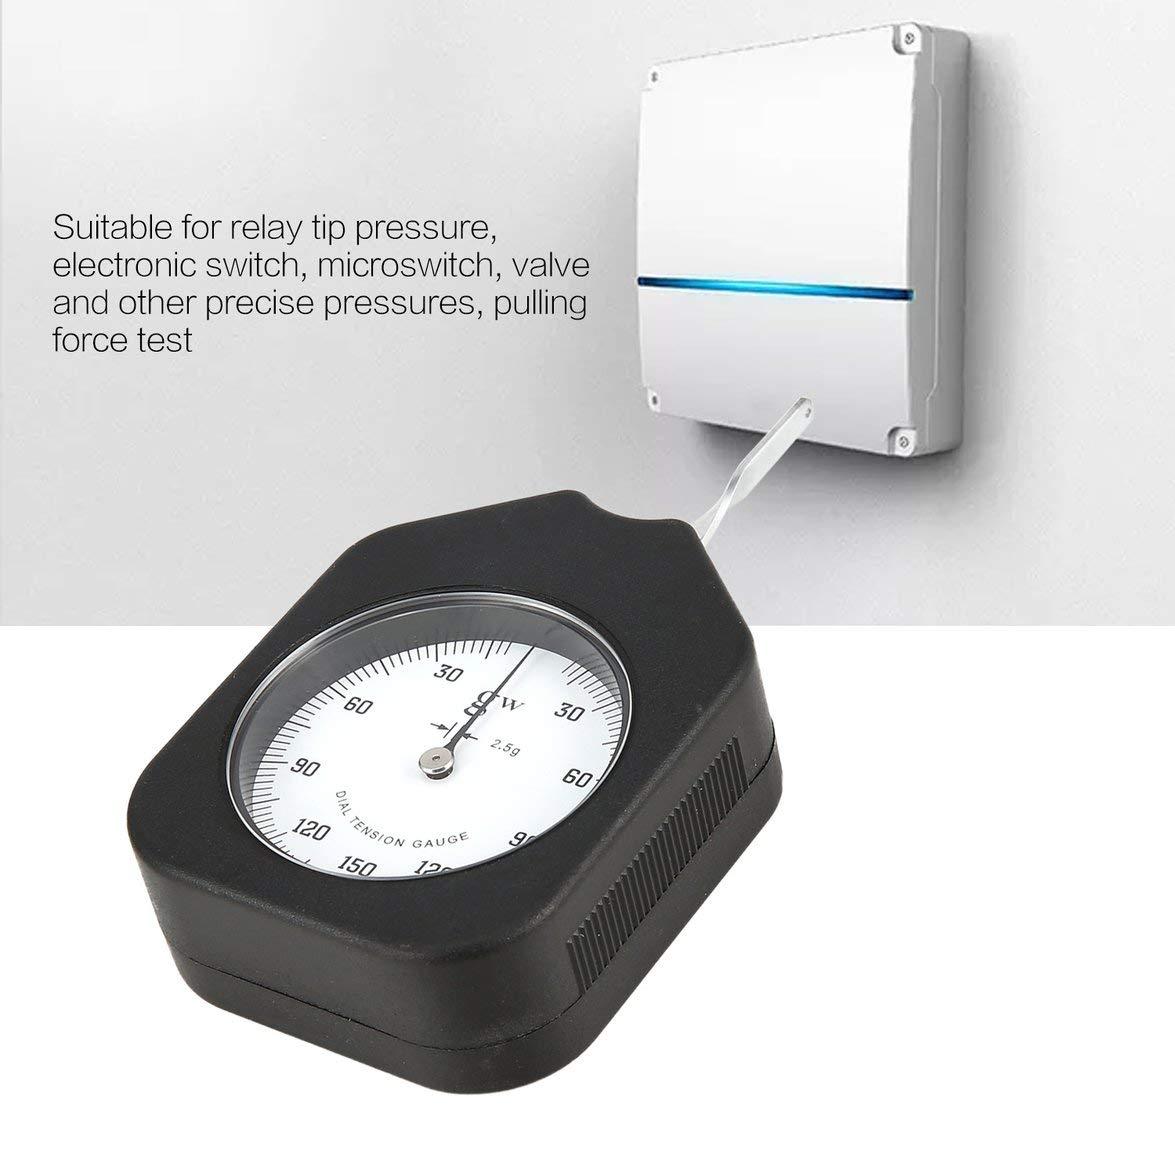 Kongqiabona 150g Tensiómetro analógico Tensiómetro analógico 150g Dial Indicador de tensión Medidor Probador Dinamómetro tabular: Amazon.es: Electrónica